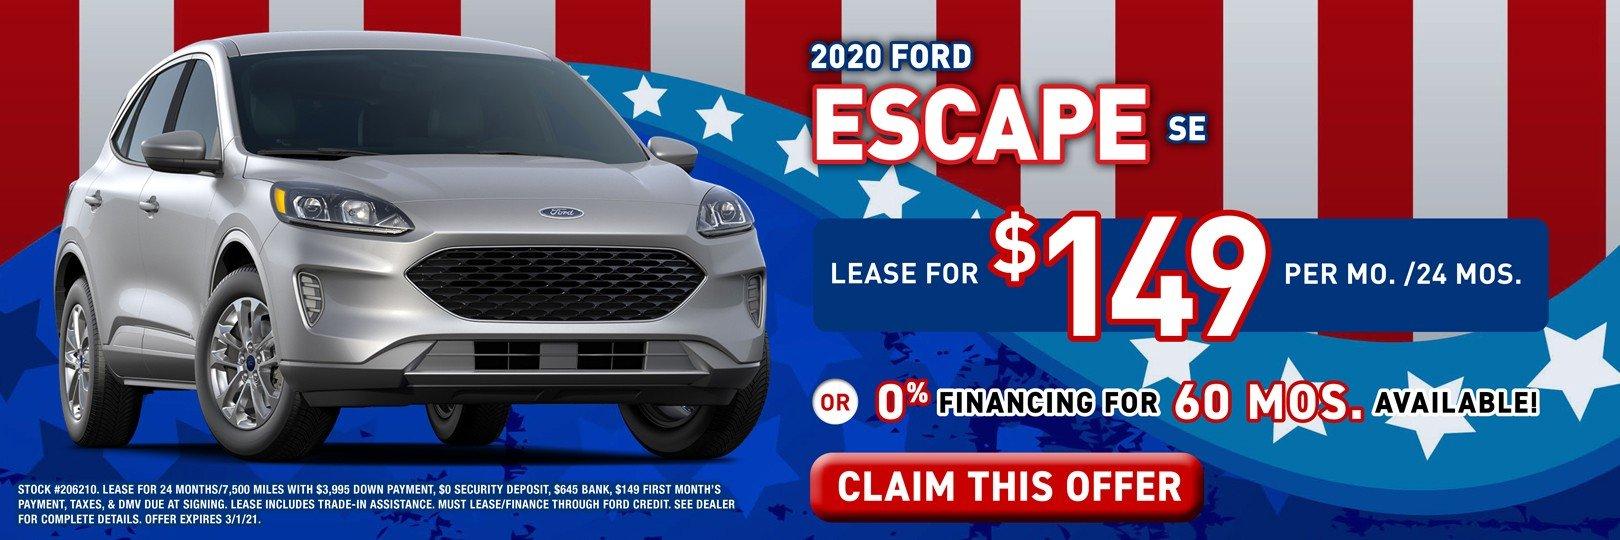 escape special